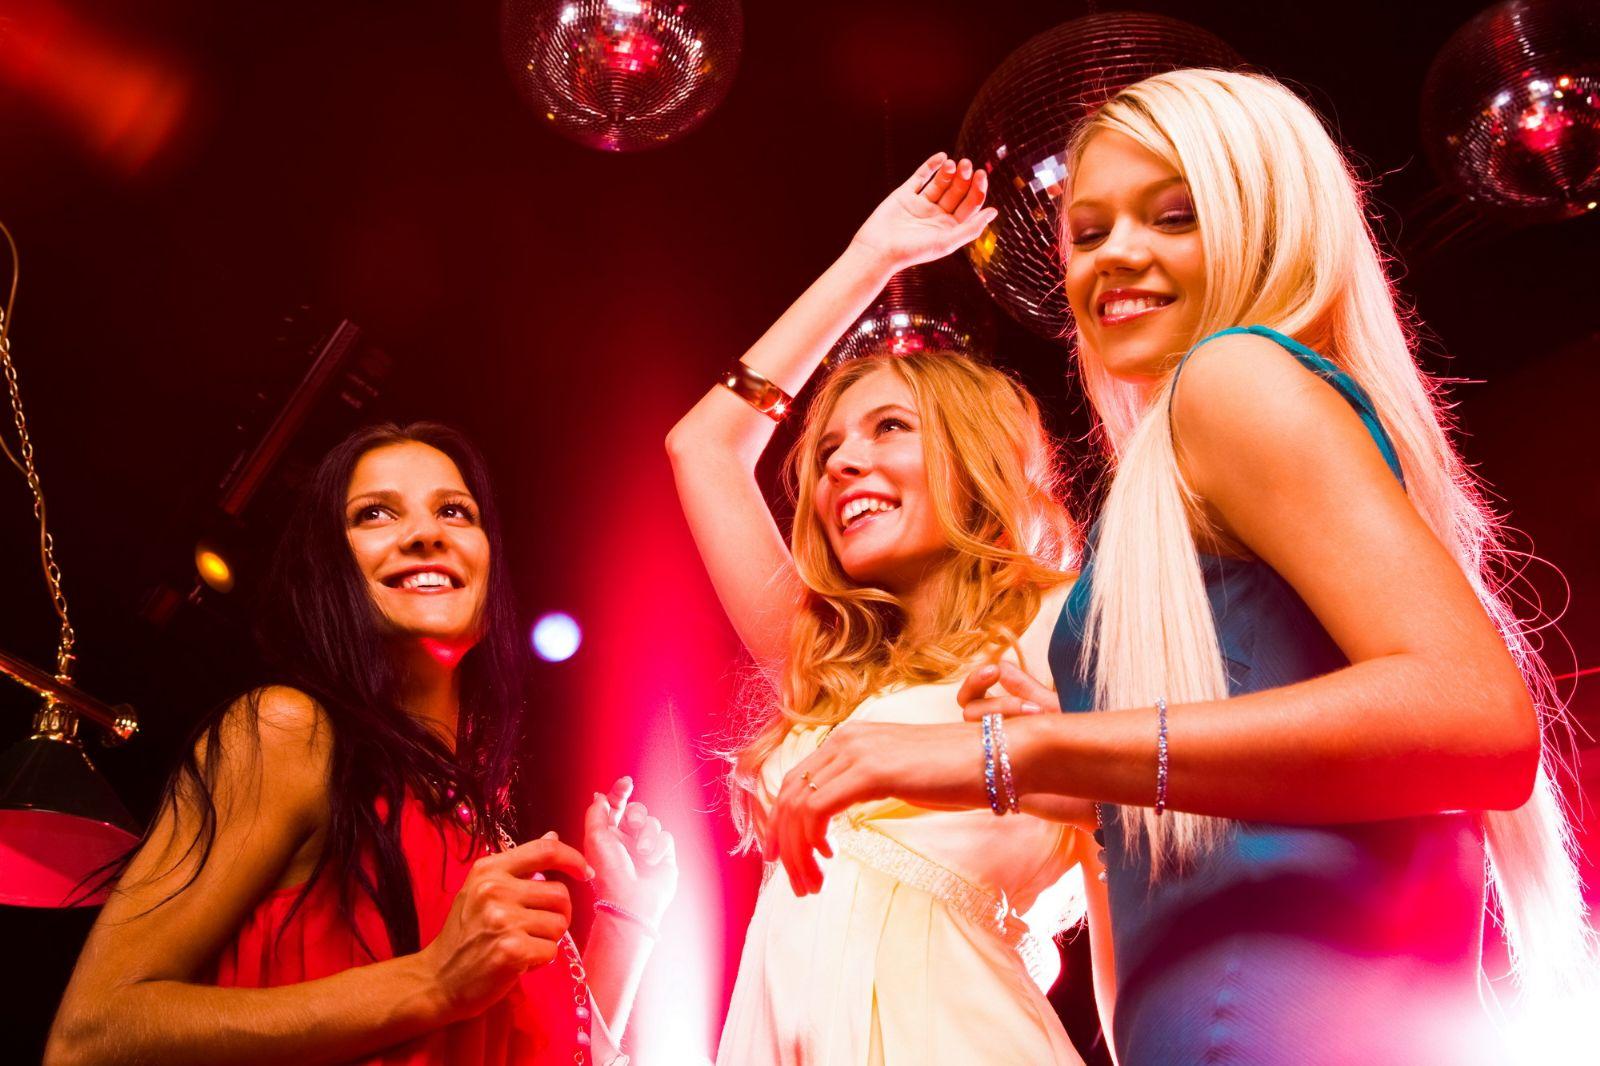 Фотографии девушки в клубе 17 фотография